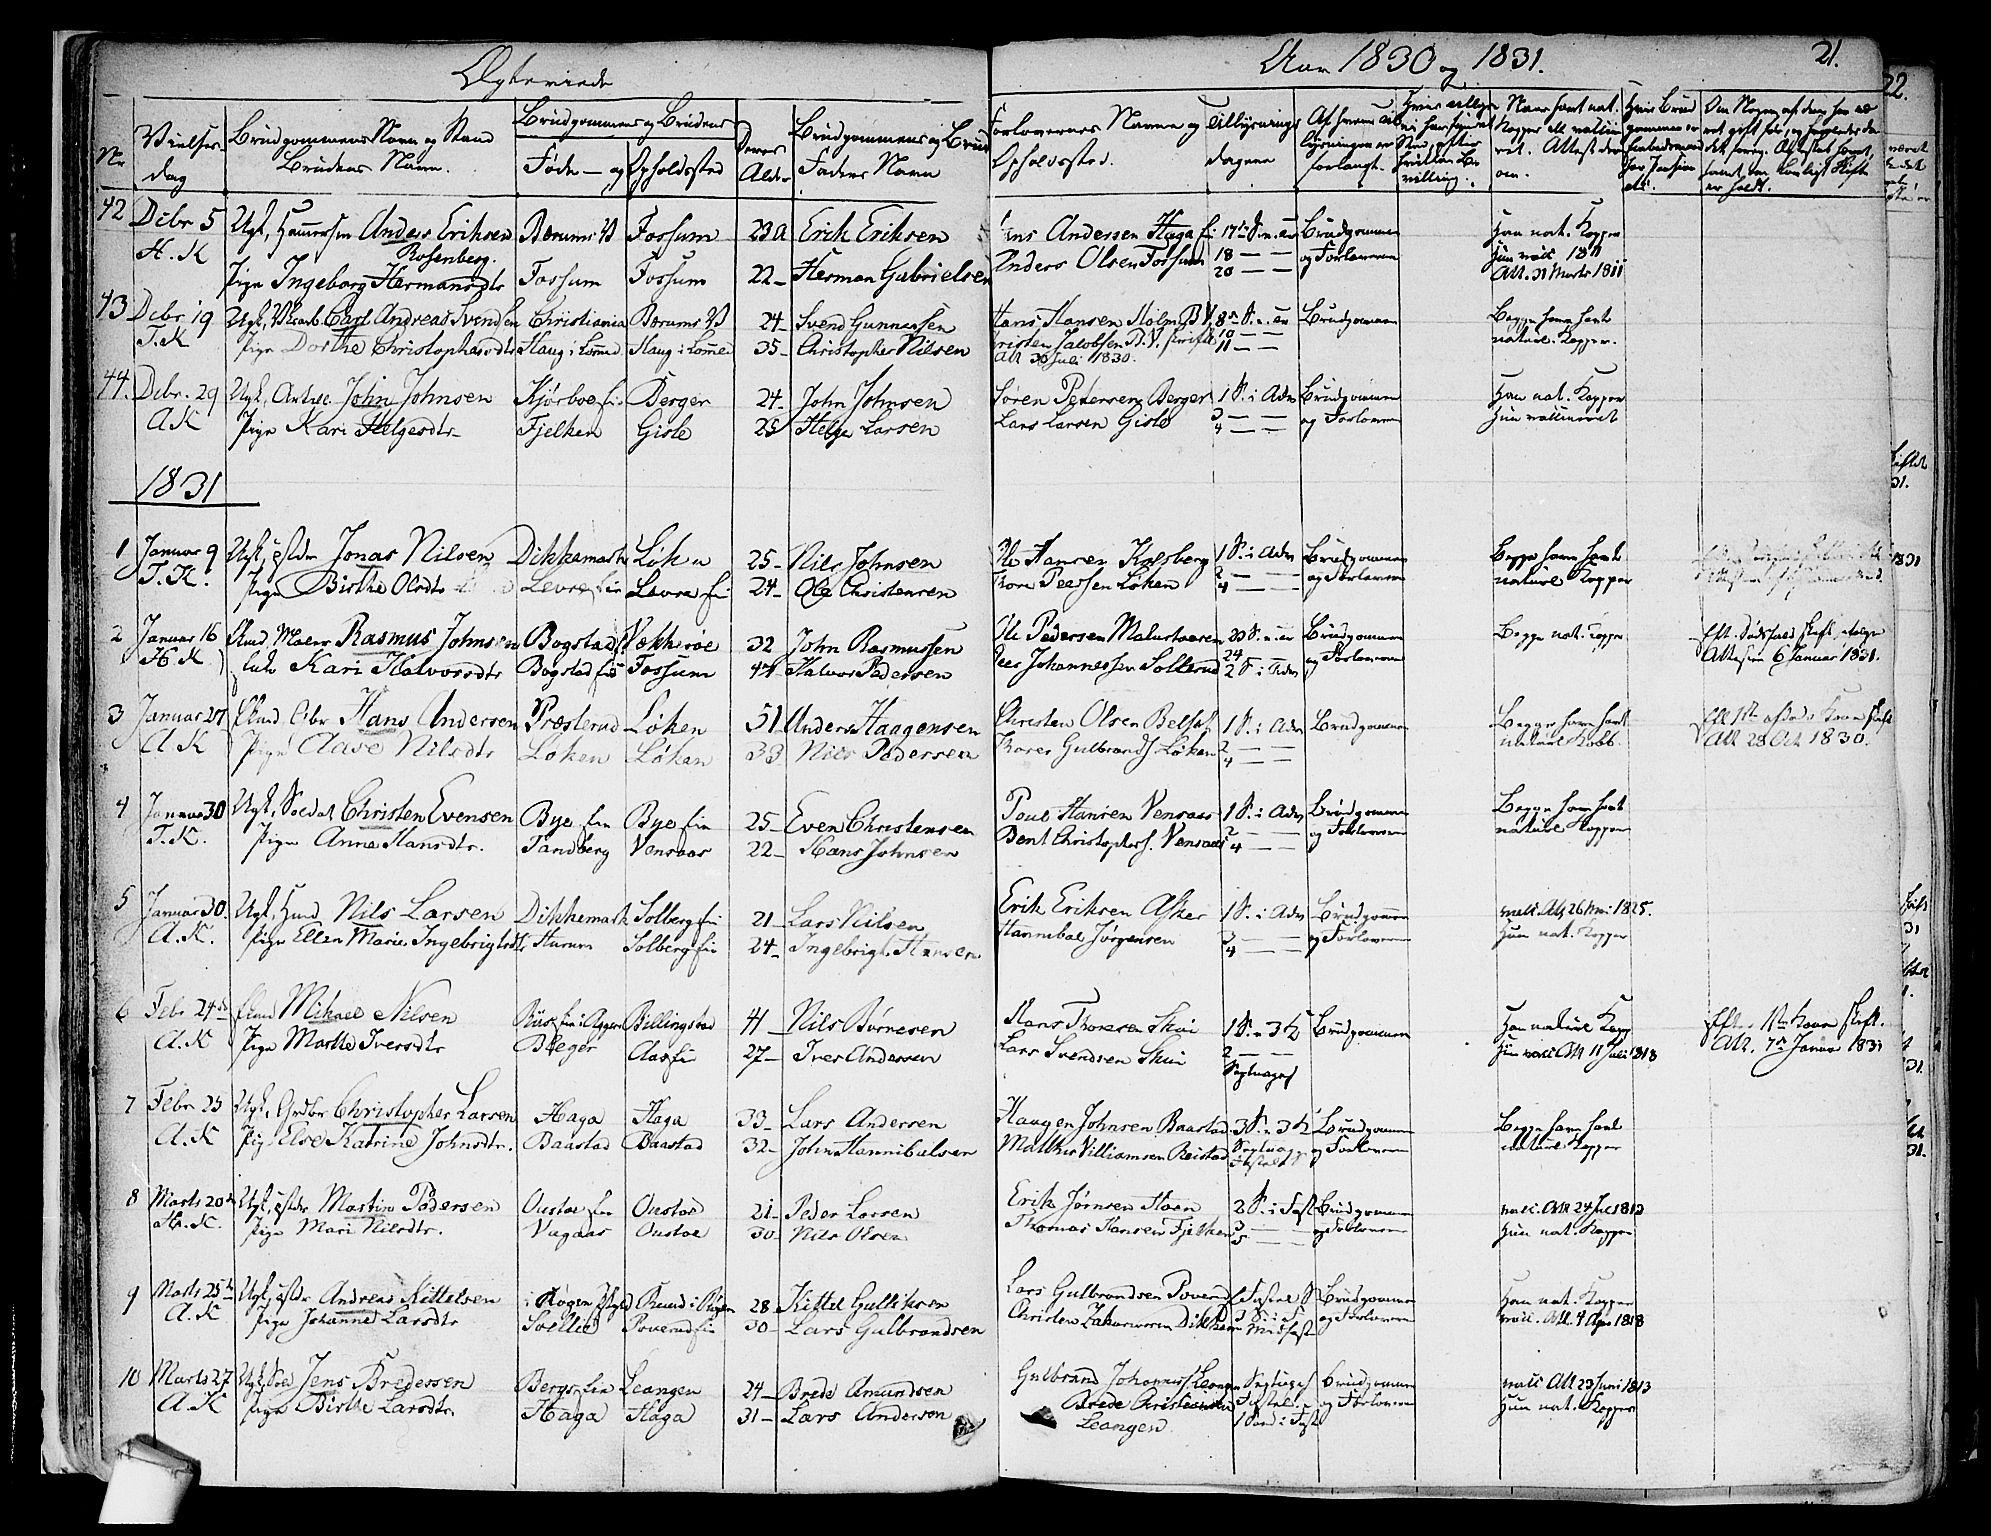 SAO, Asker prestekontor Kirkebøker, F/Fa/L0010: Ministerialbok nr. I 10, 1825-1878, s. 21